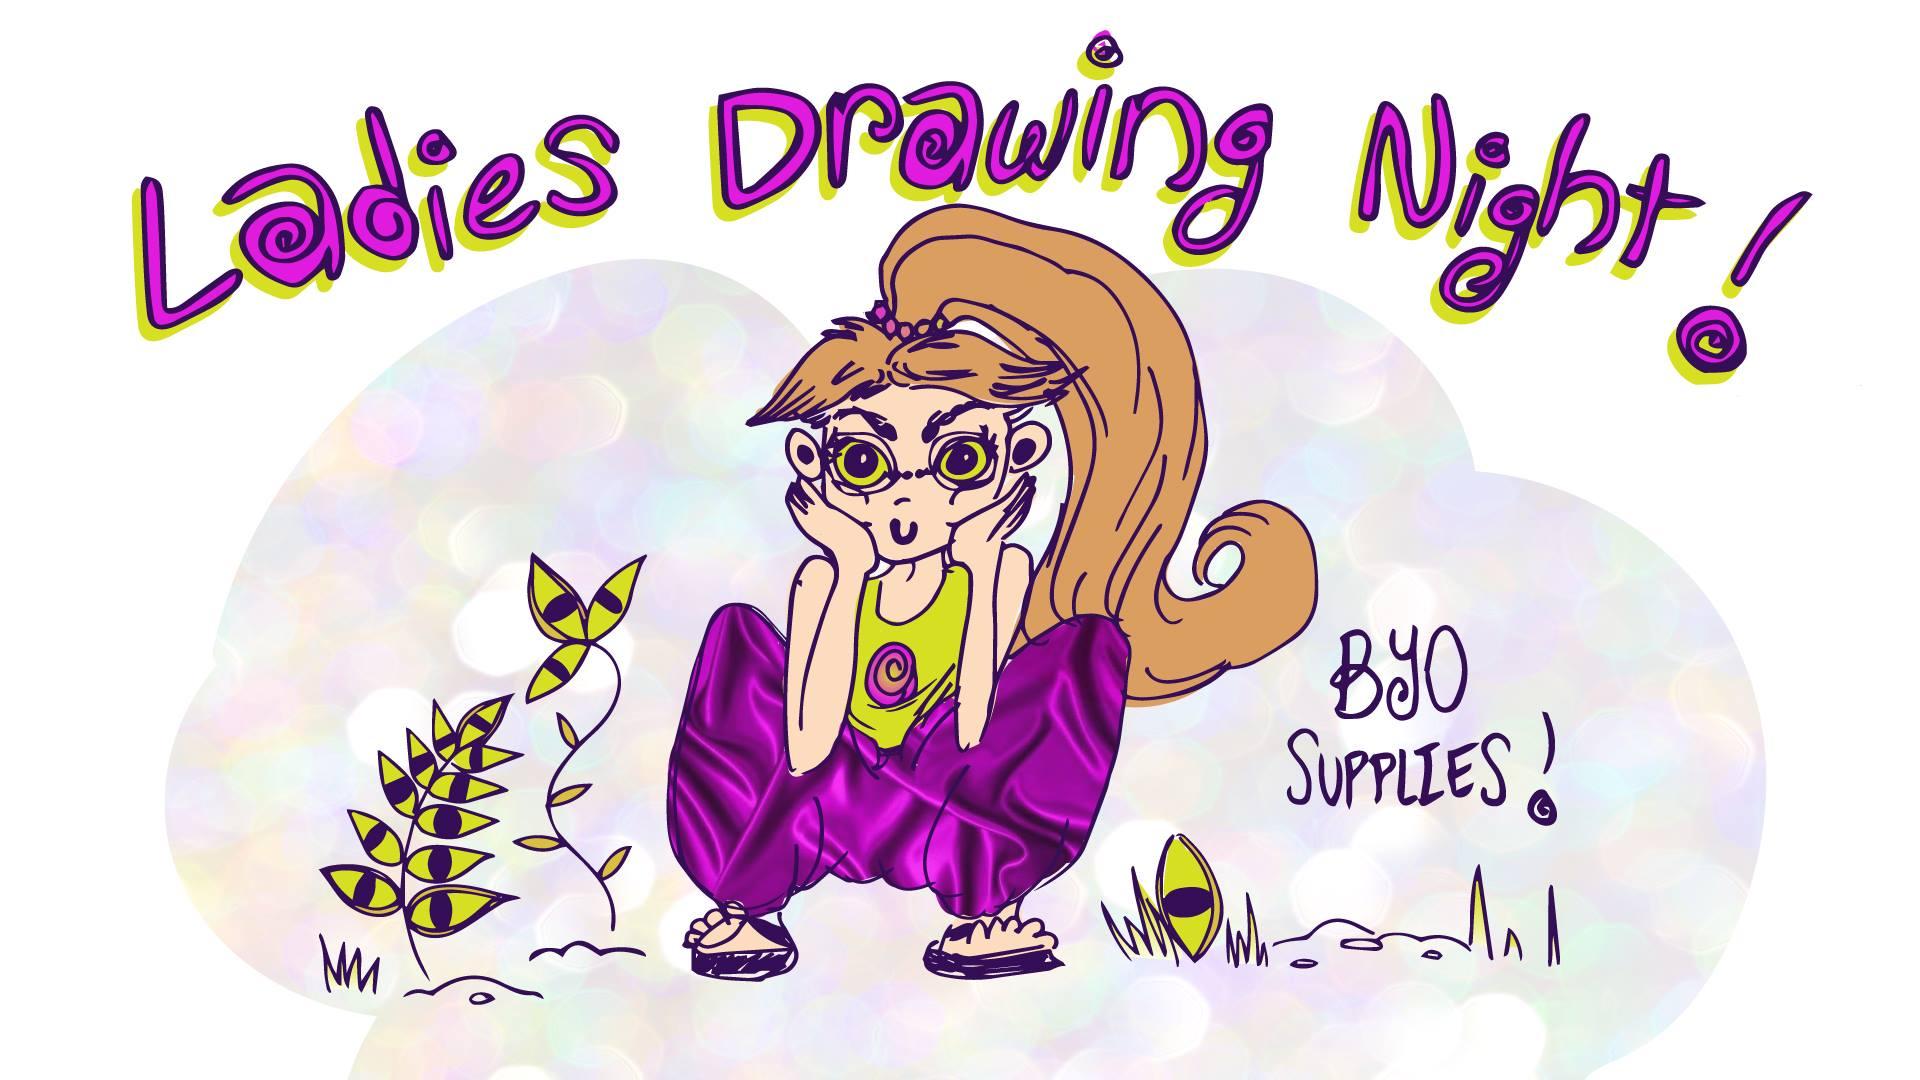 Ladies Drawing Night Downtown Berkeley